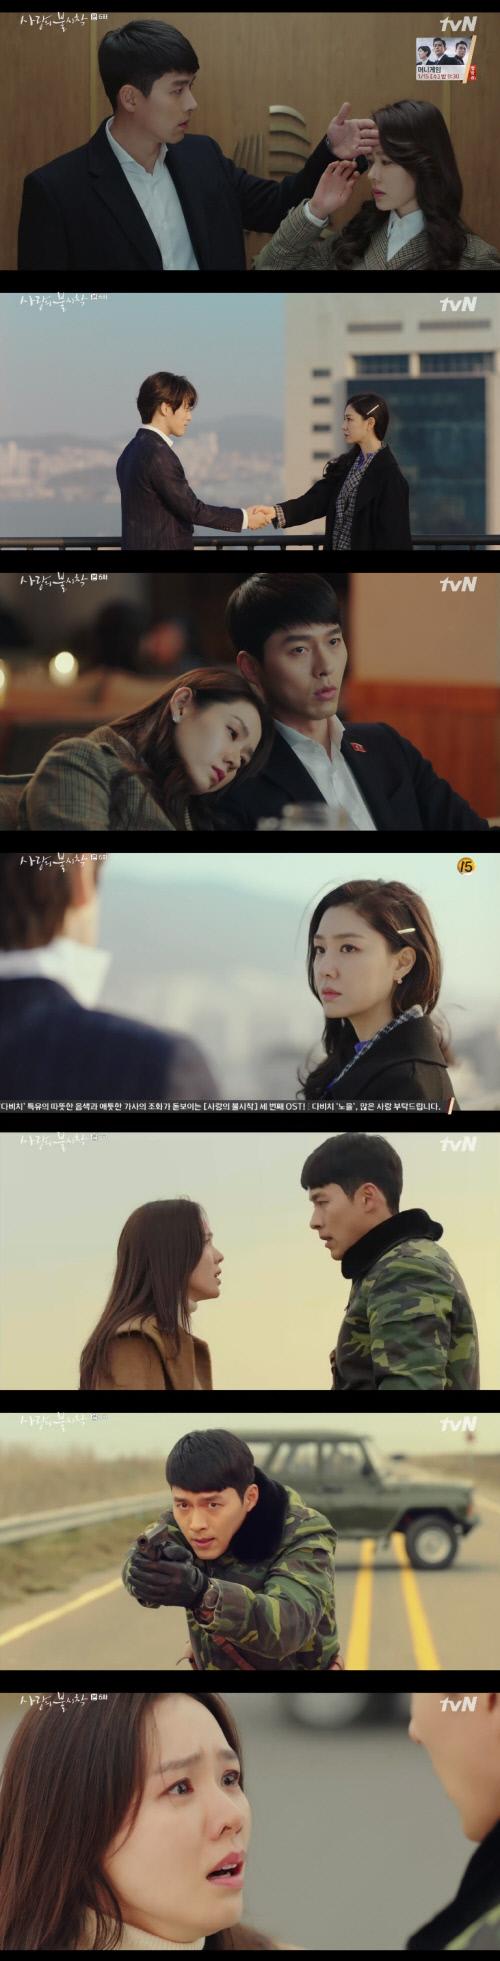 '사랑의 불시착' 현빈, 손예진 지키려다 총 맞았다...최고 시청률 10%